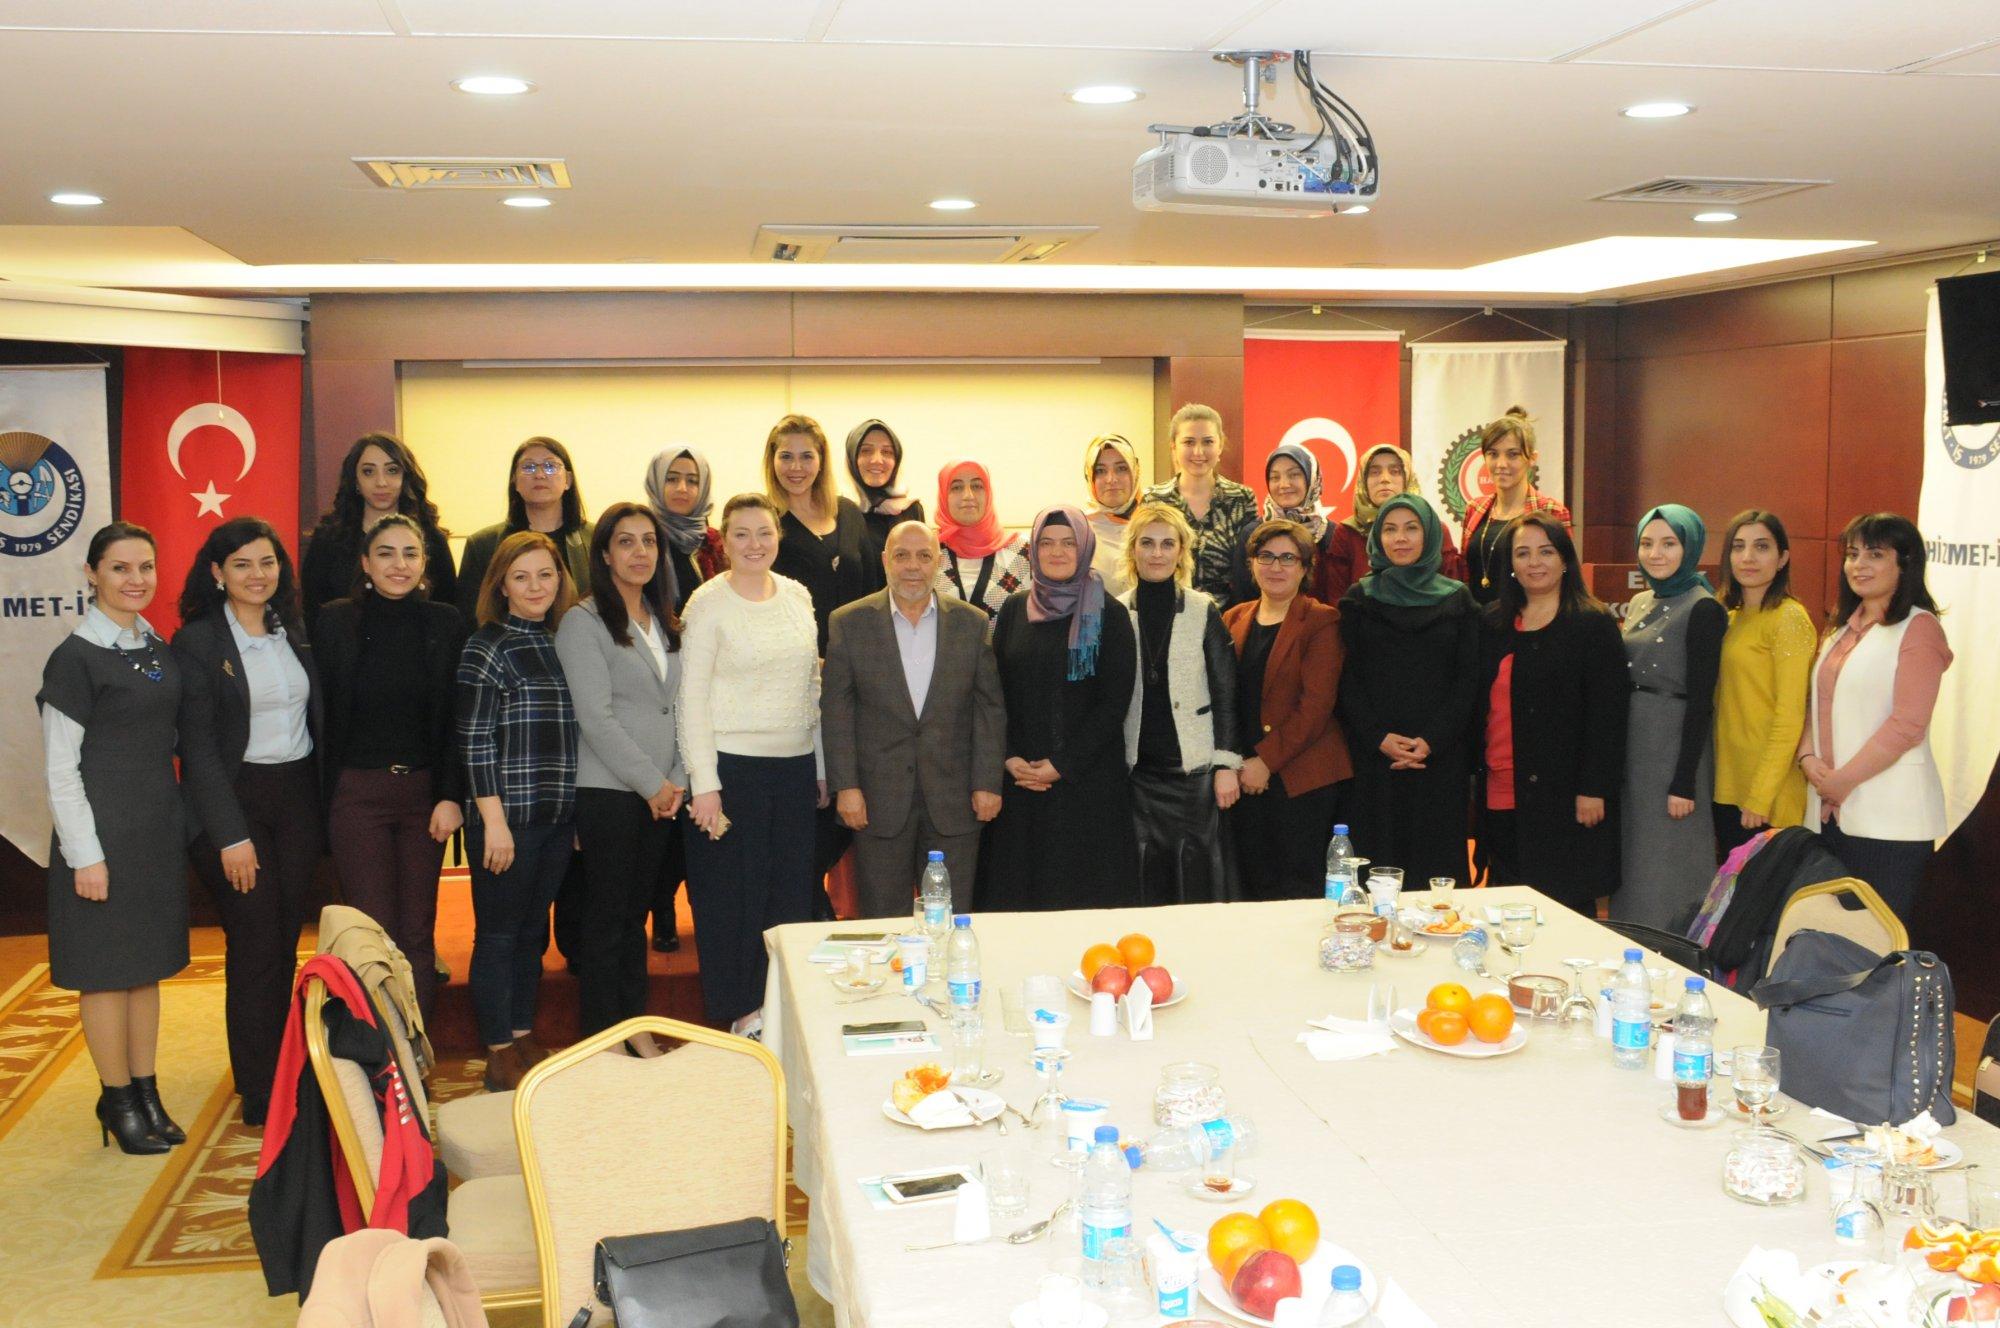 ARSLAN, HAK-İŞ KADIN KOMİTESİ TOPLANTISINA KATILDI